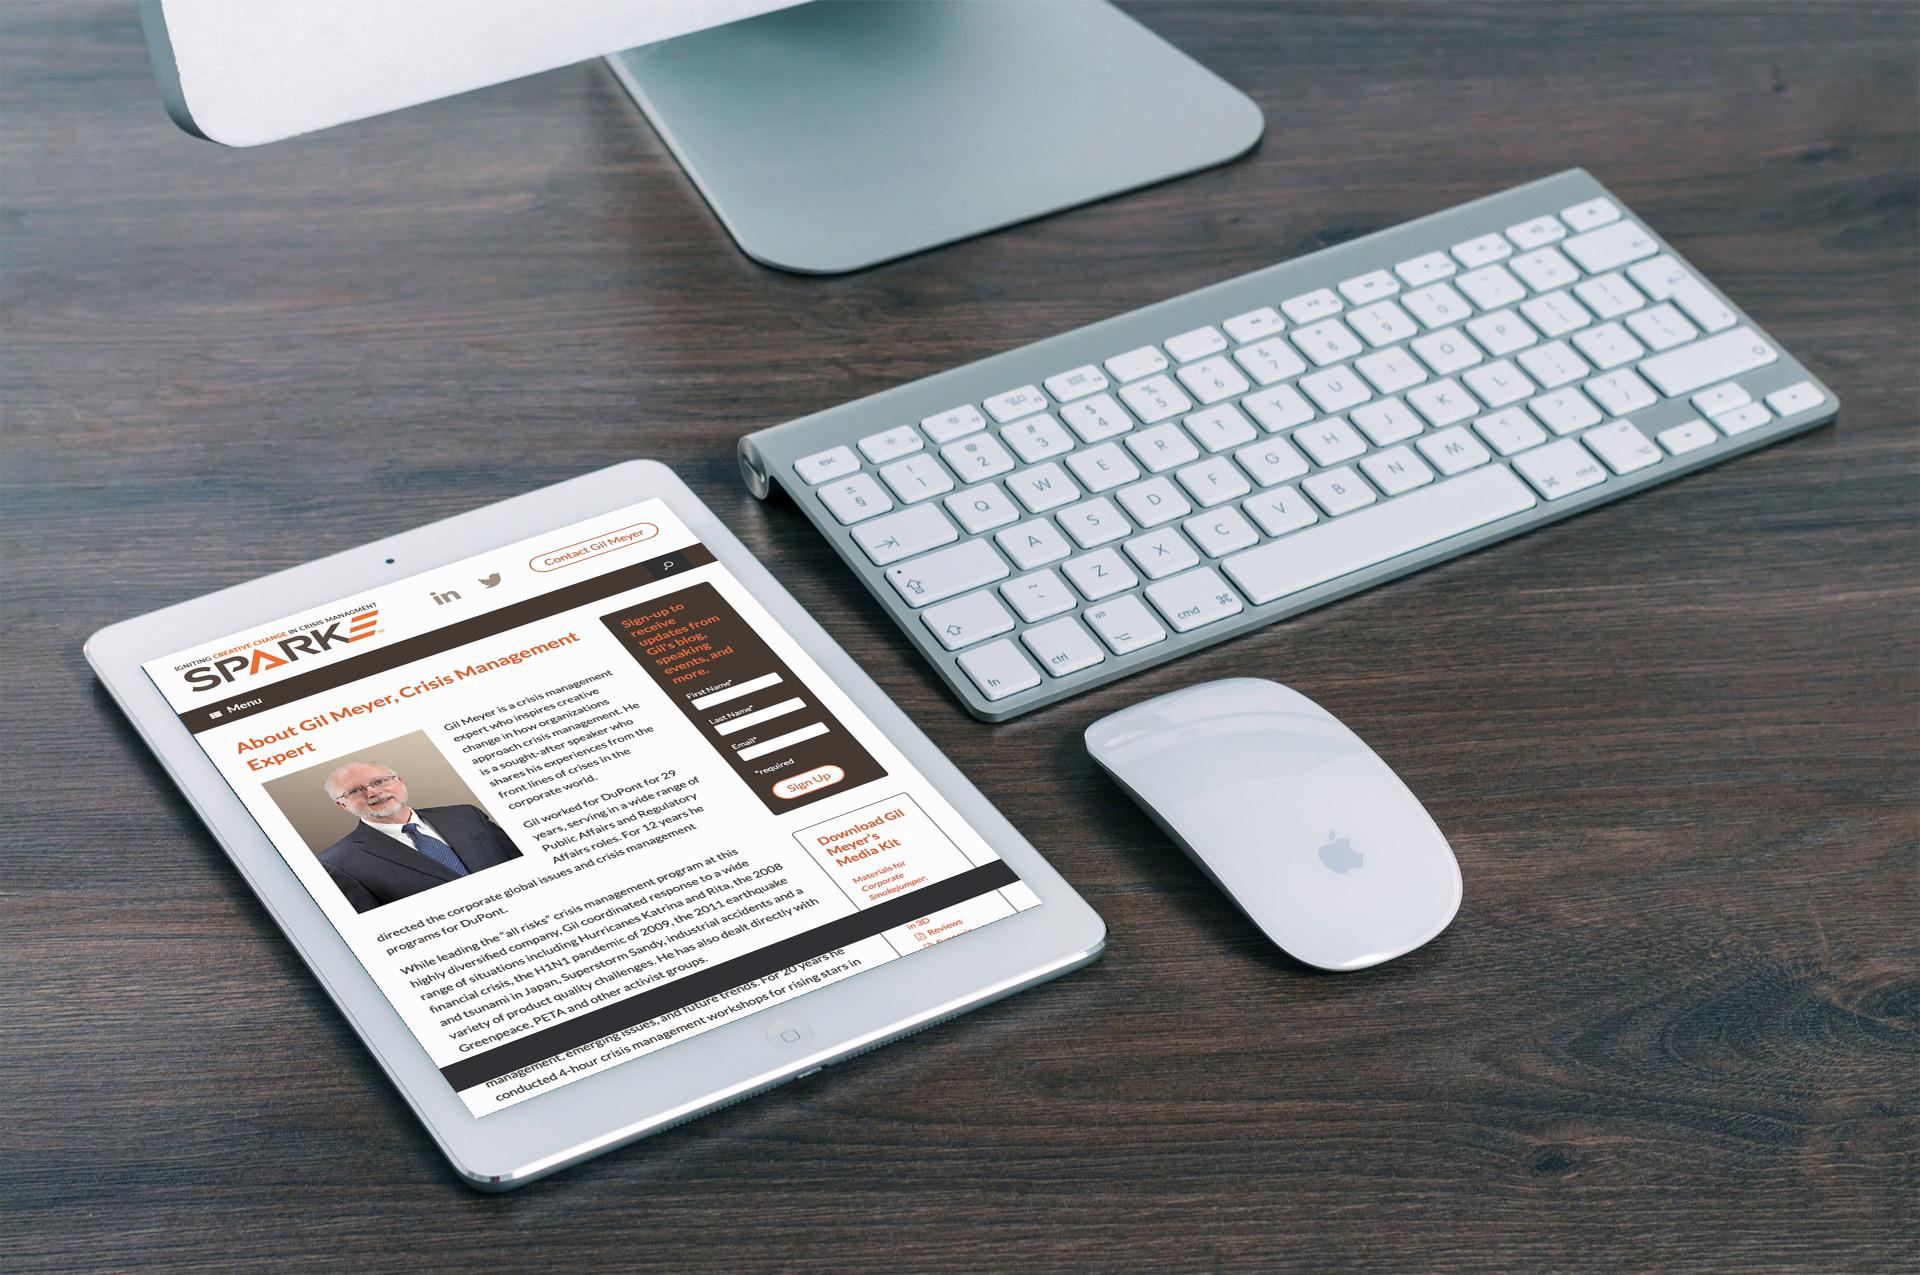 Sparke website on tablet